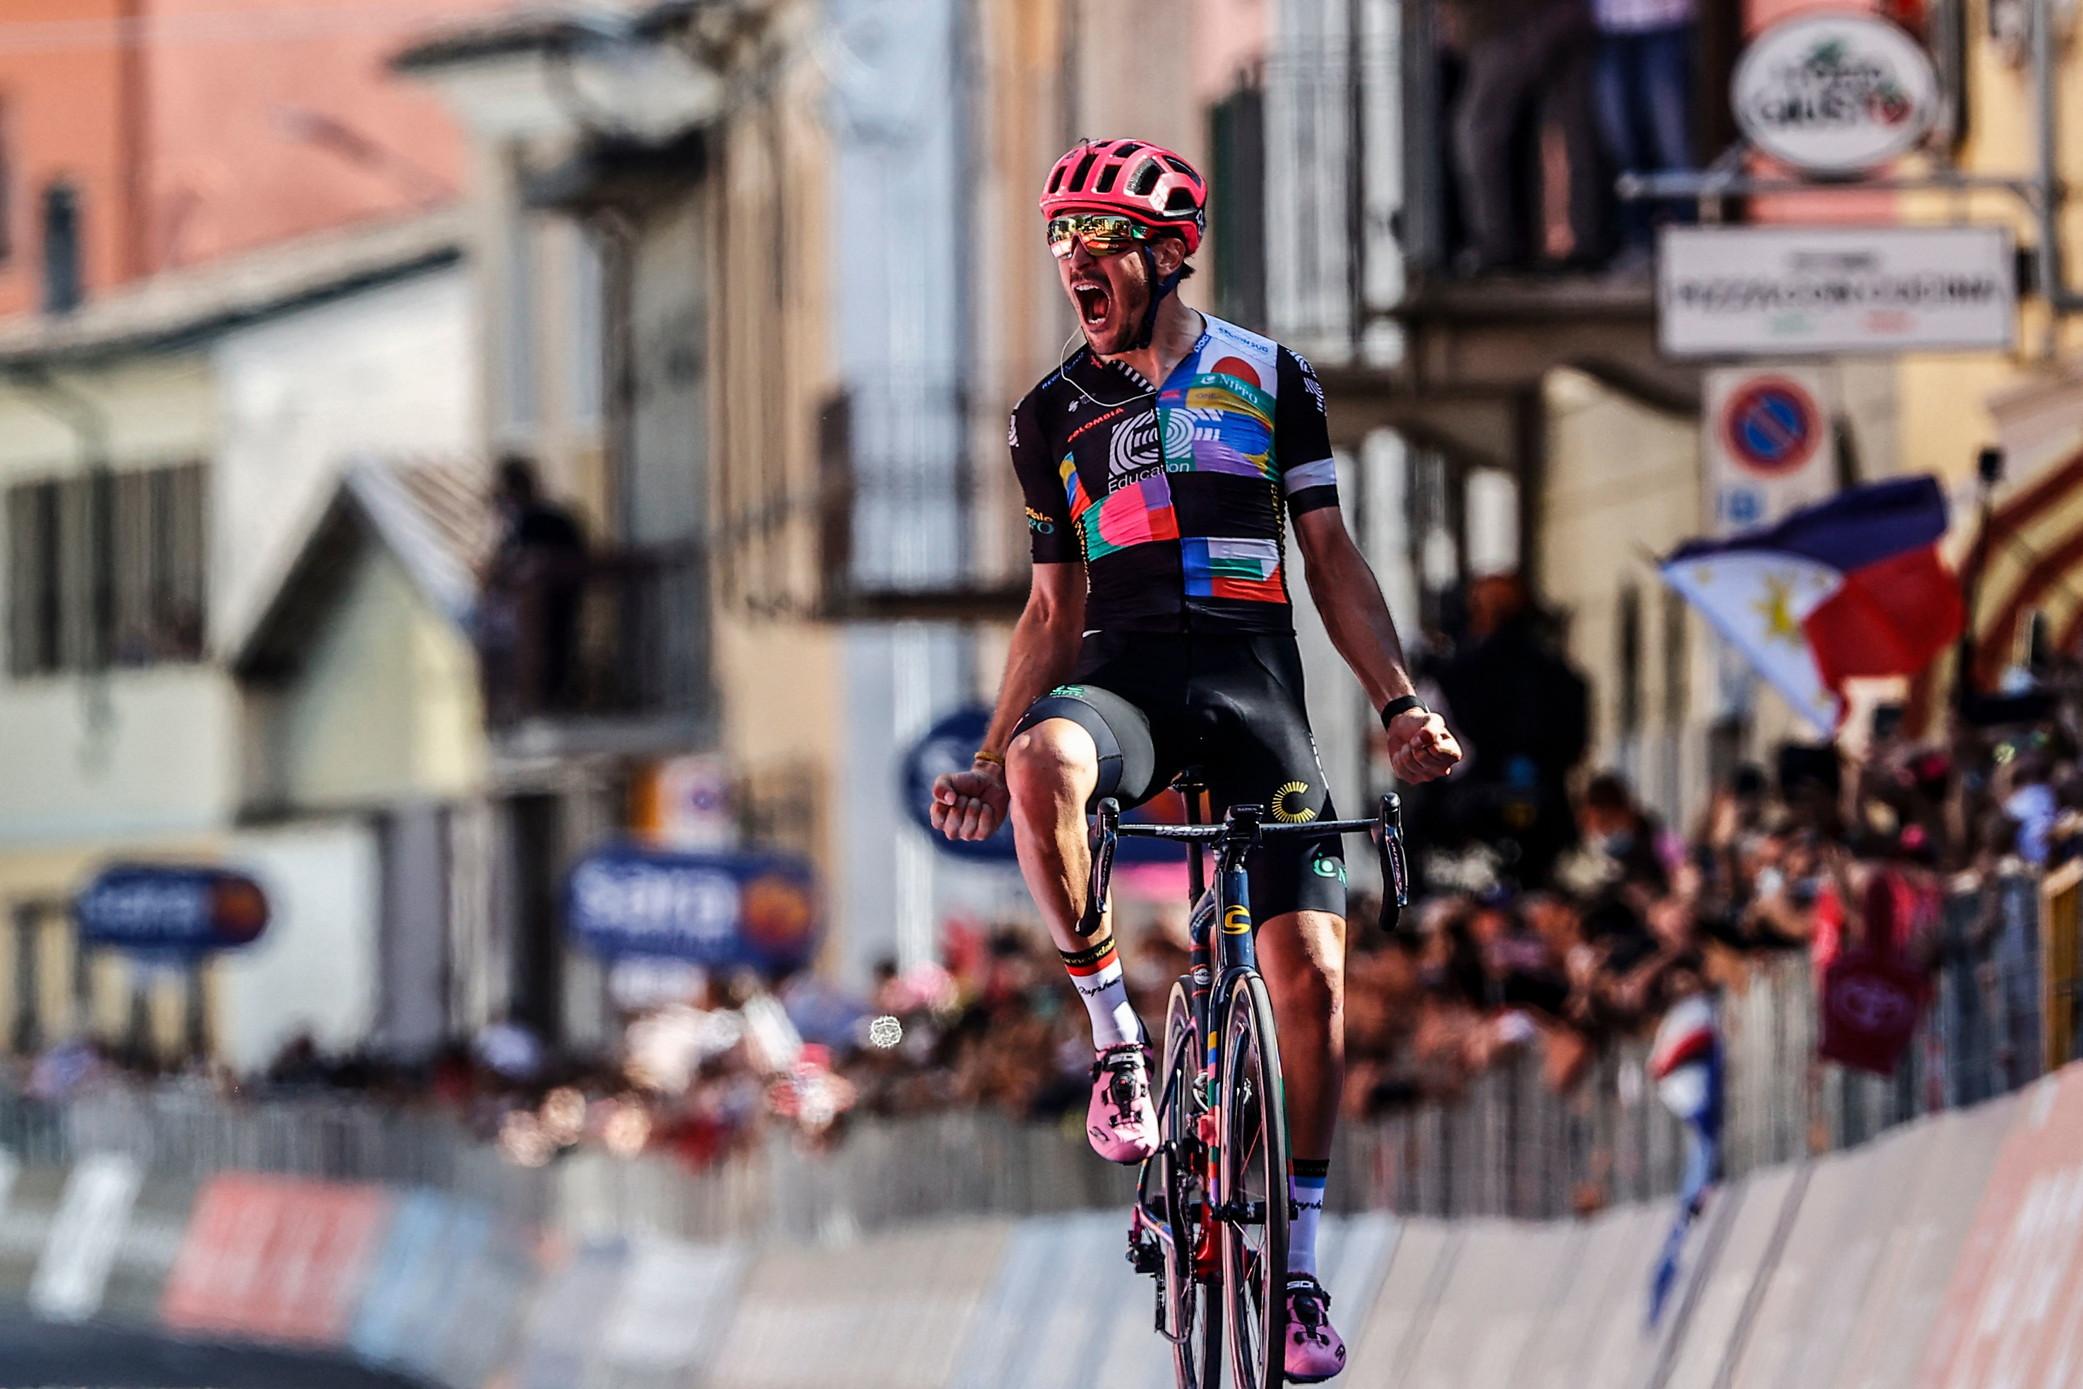 Primo successo al Giro d'Italia per Bettiol. Il toscano aveva ottenuto la vittoria numero 1 da professionista al Giro delle Fiandre 2019, al quale era seguito un successo parziale all'Etoile de Besseges.